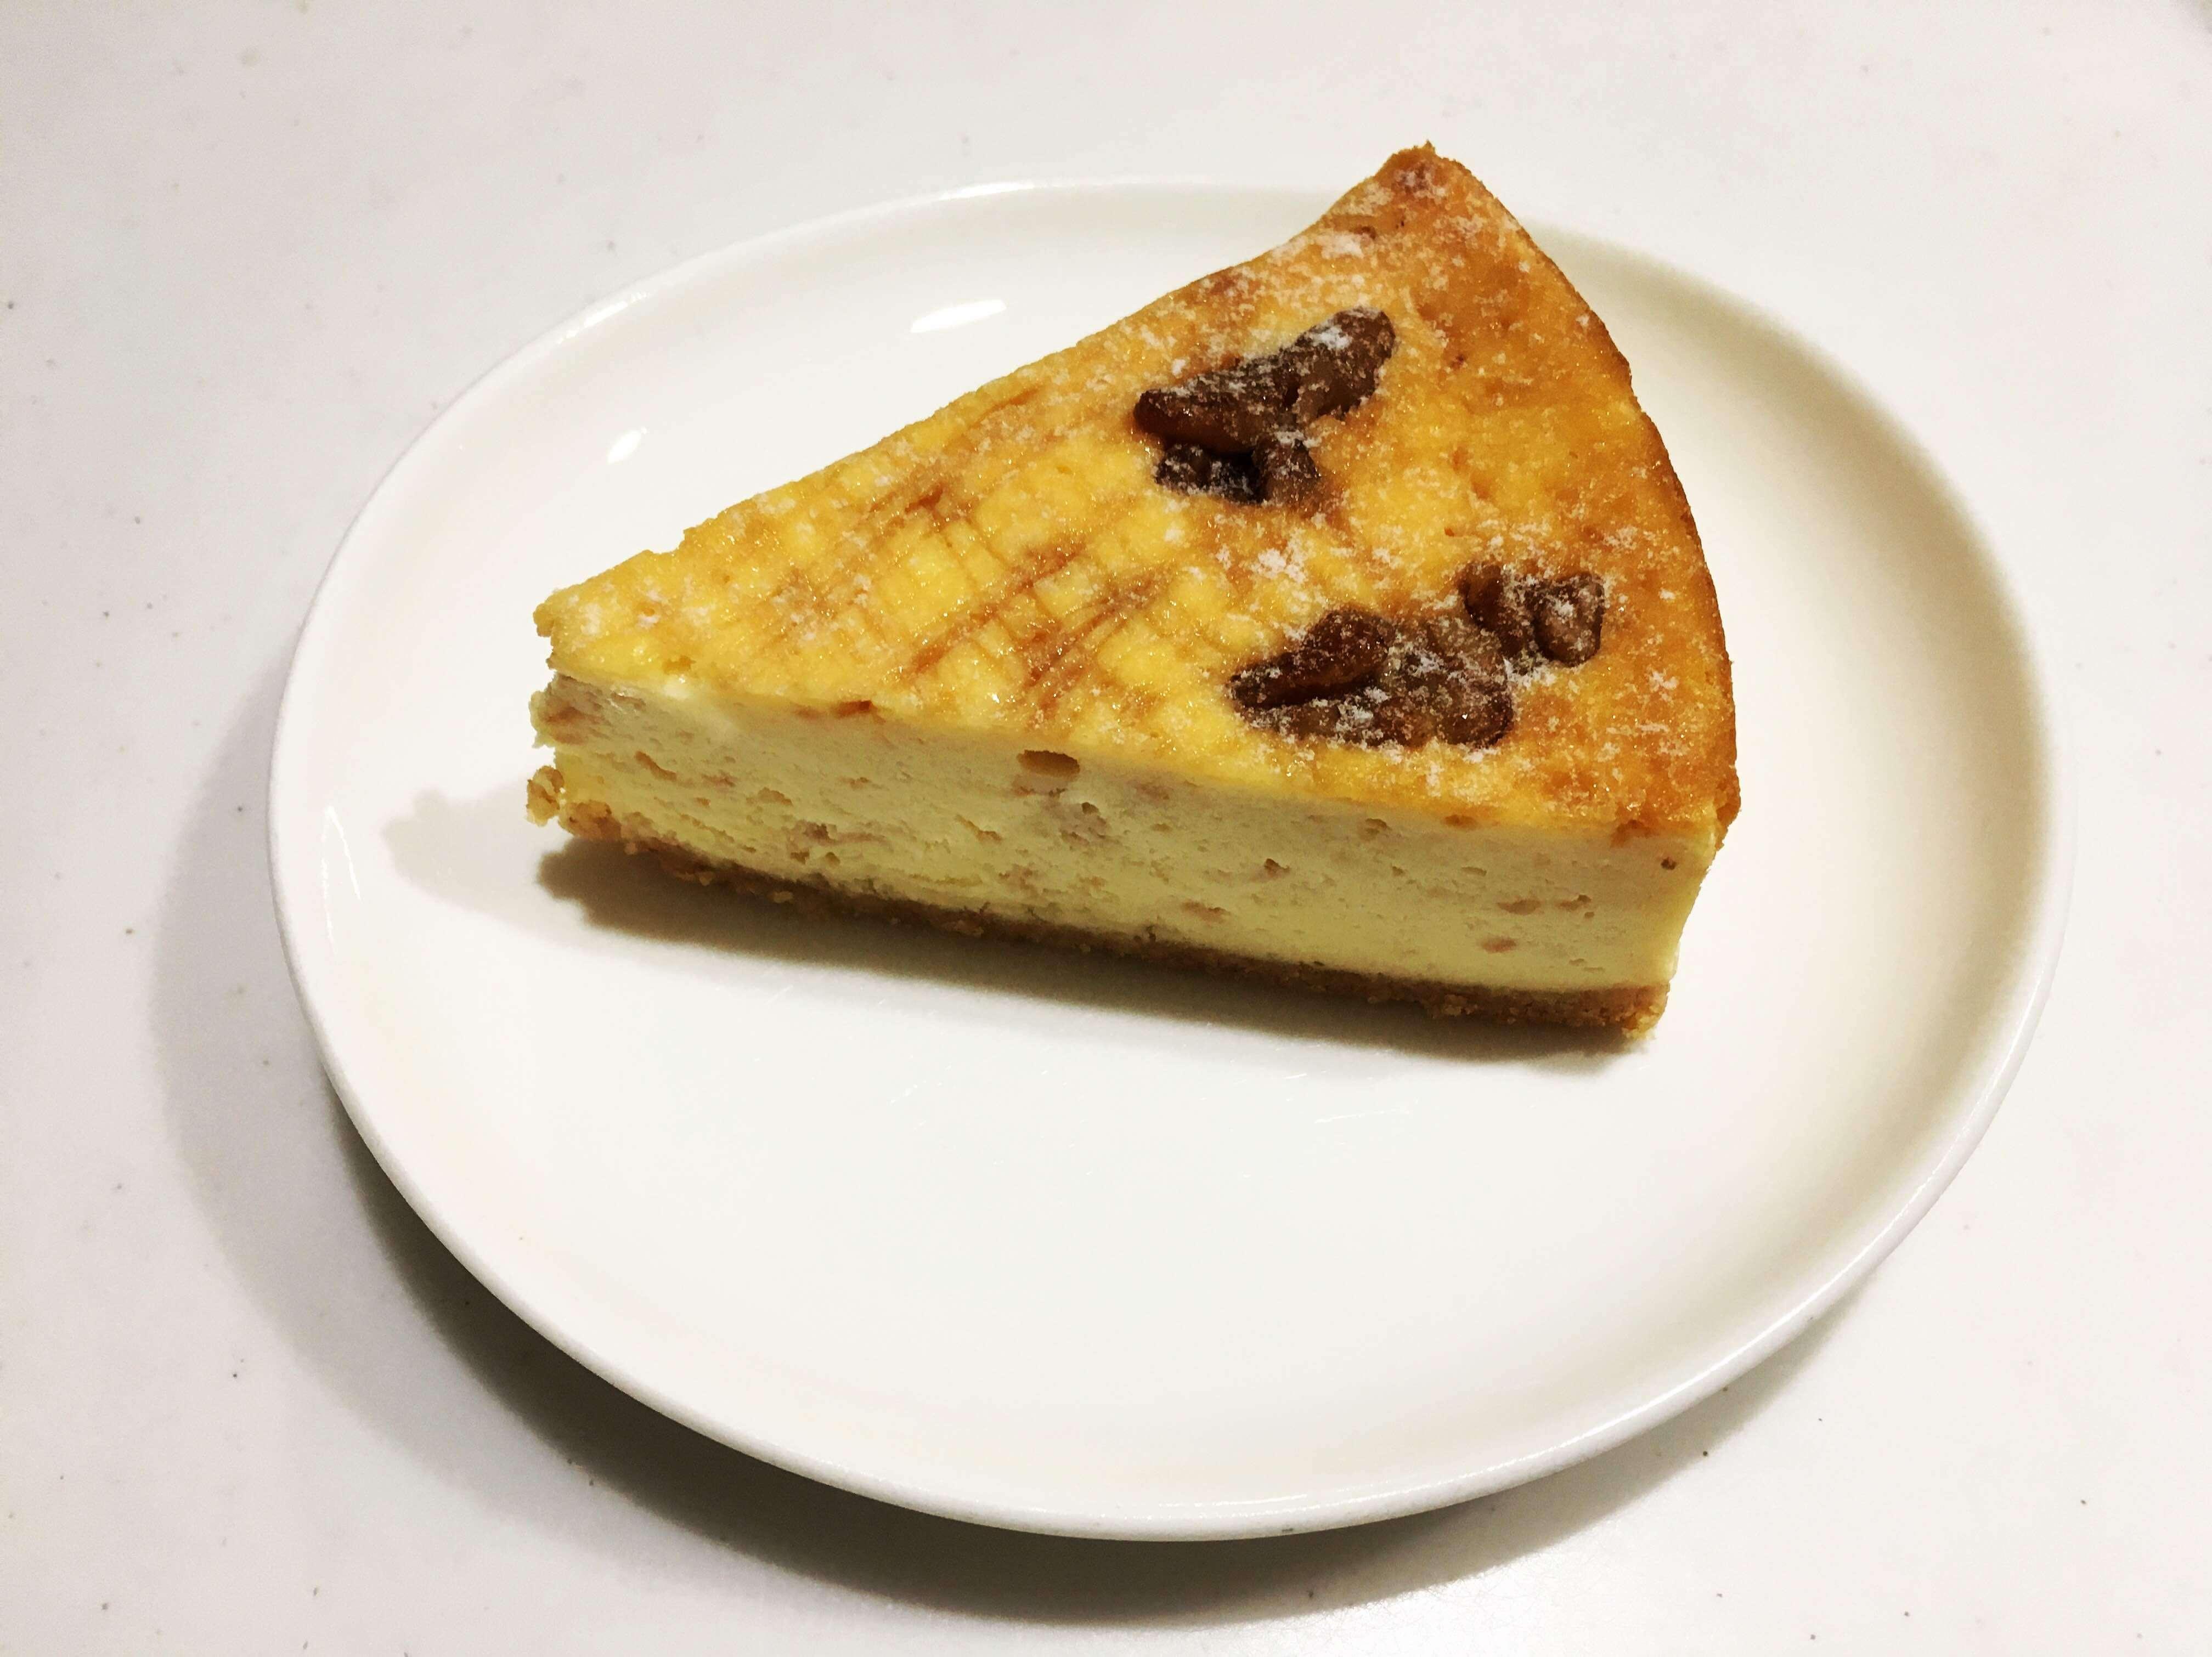 ケーキが丸い白い皿に乗せられている